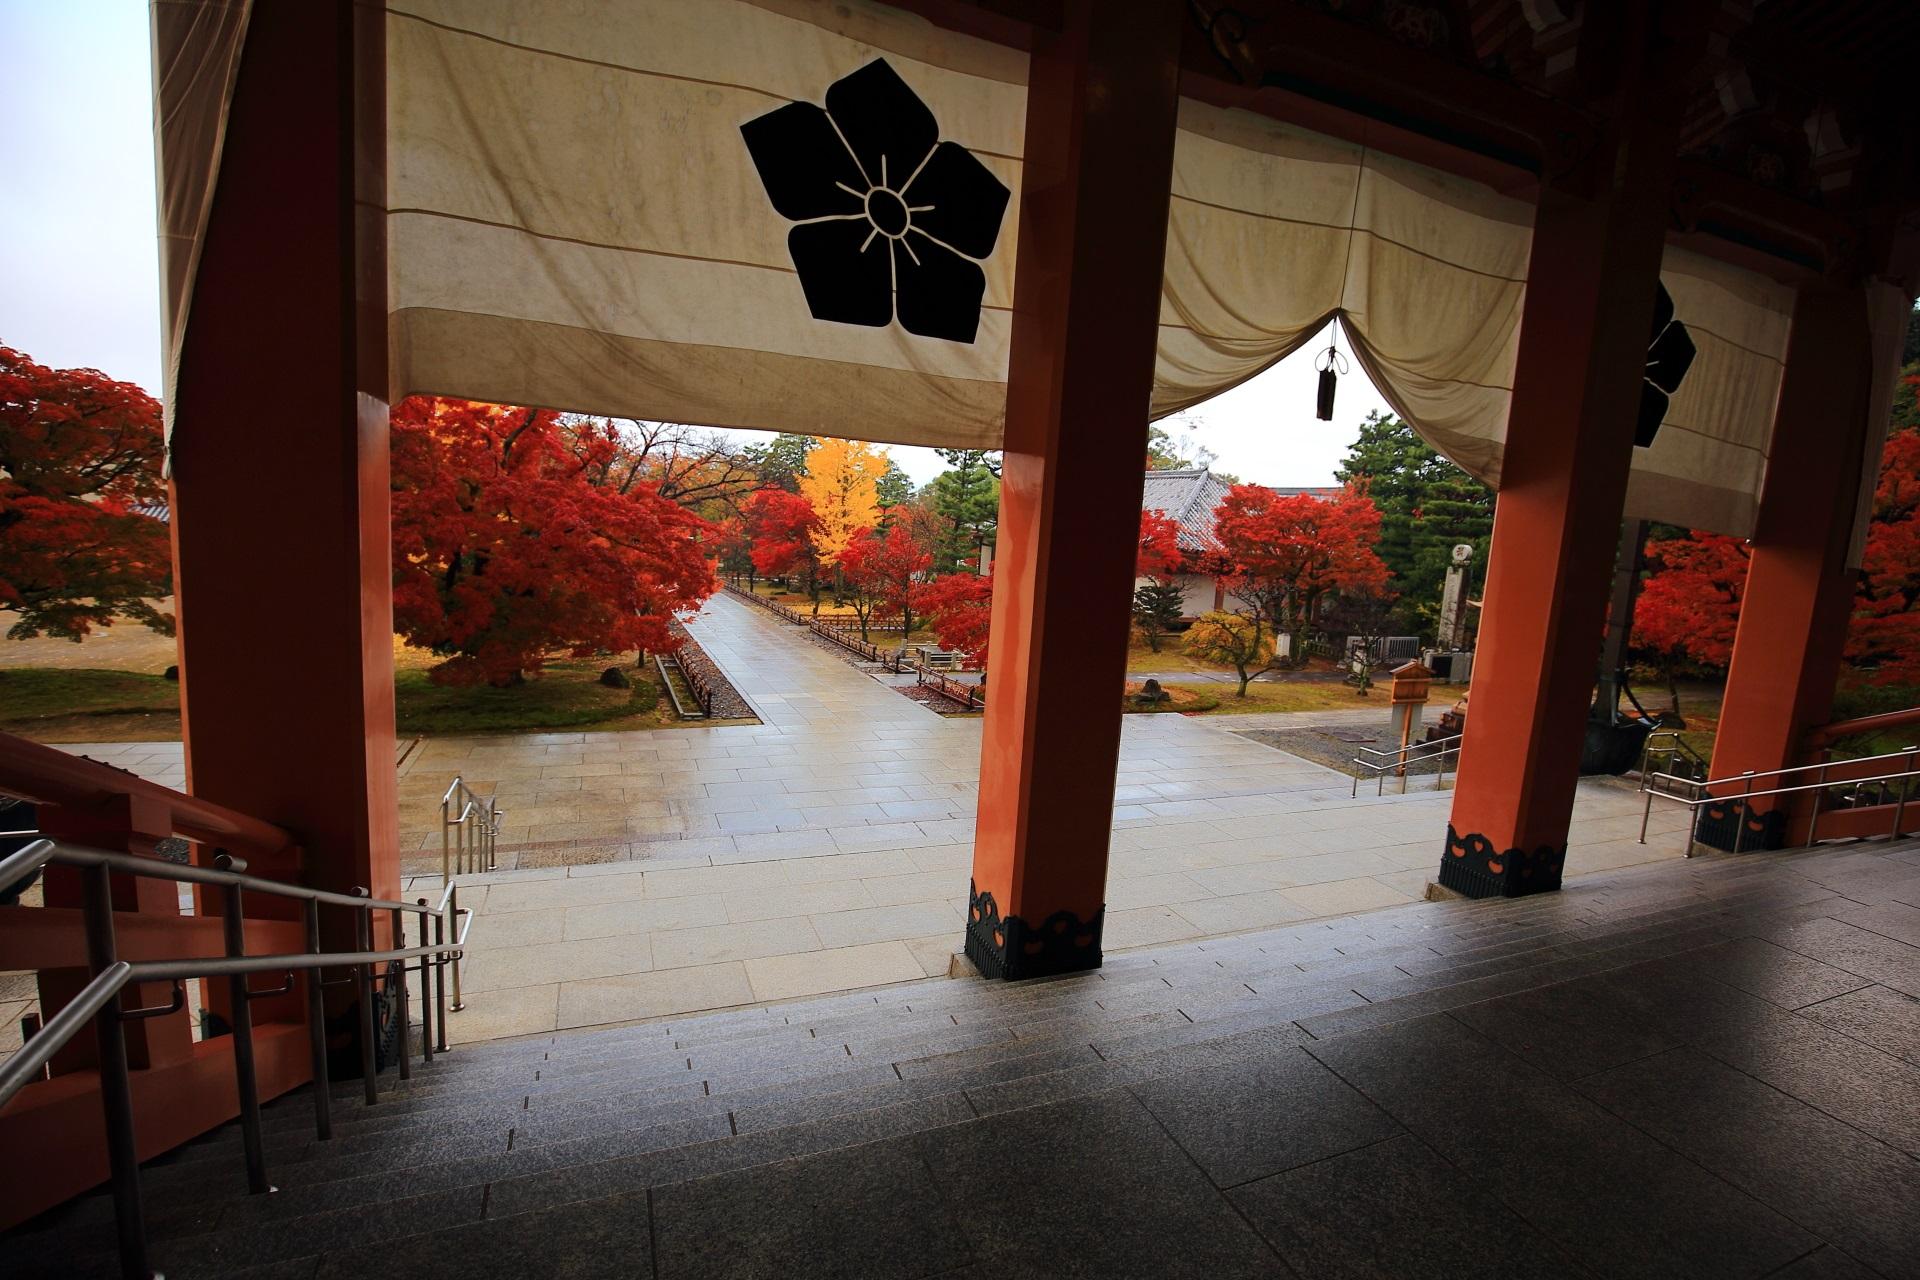 智積院の早朝の静かな境内を彩る鮮やかな紅葉と銀杏